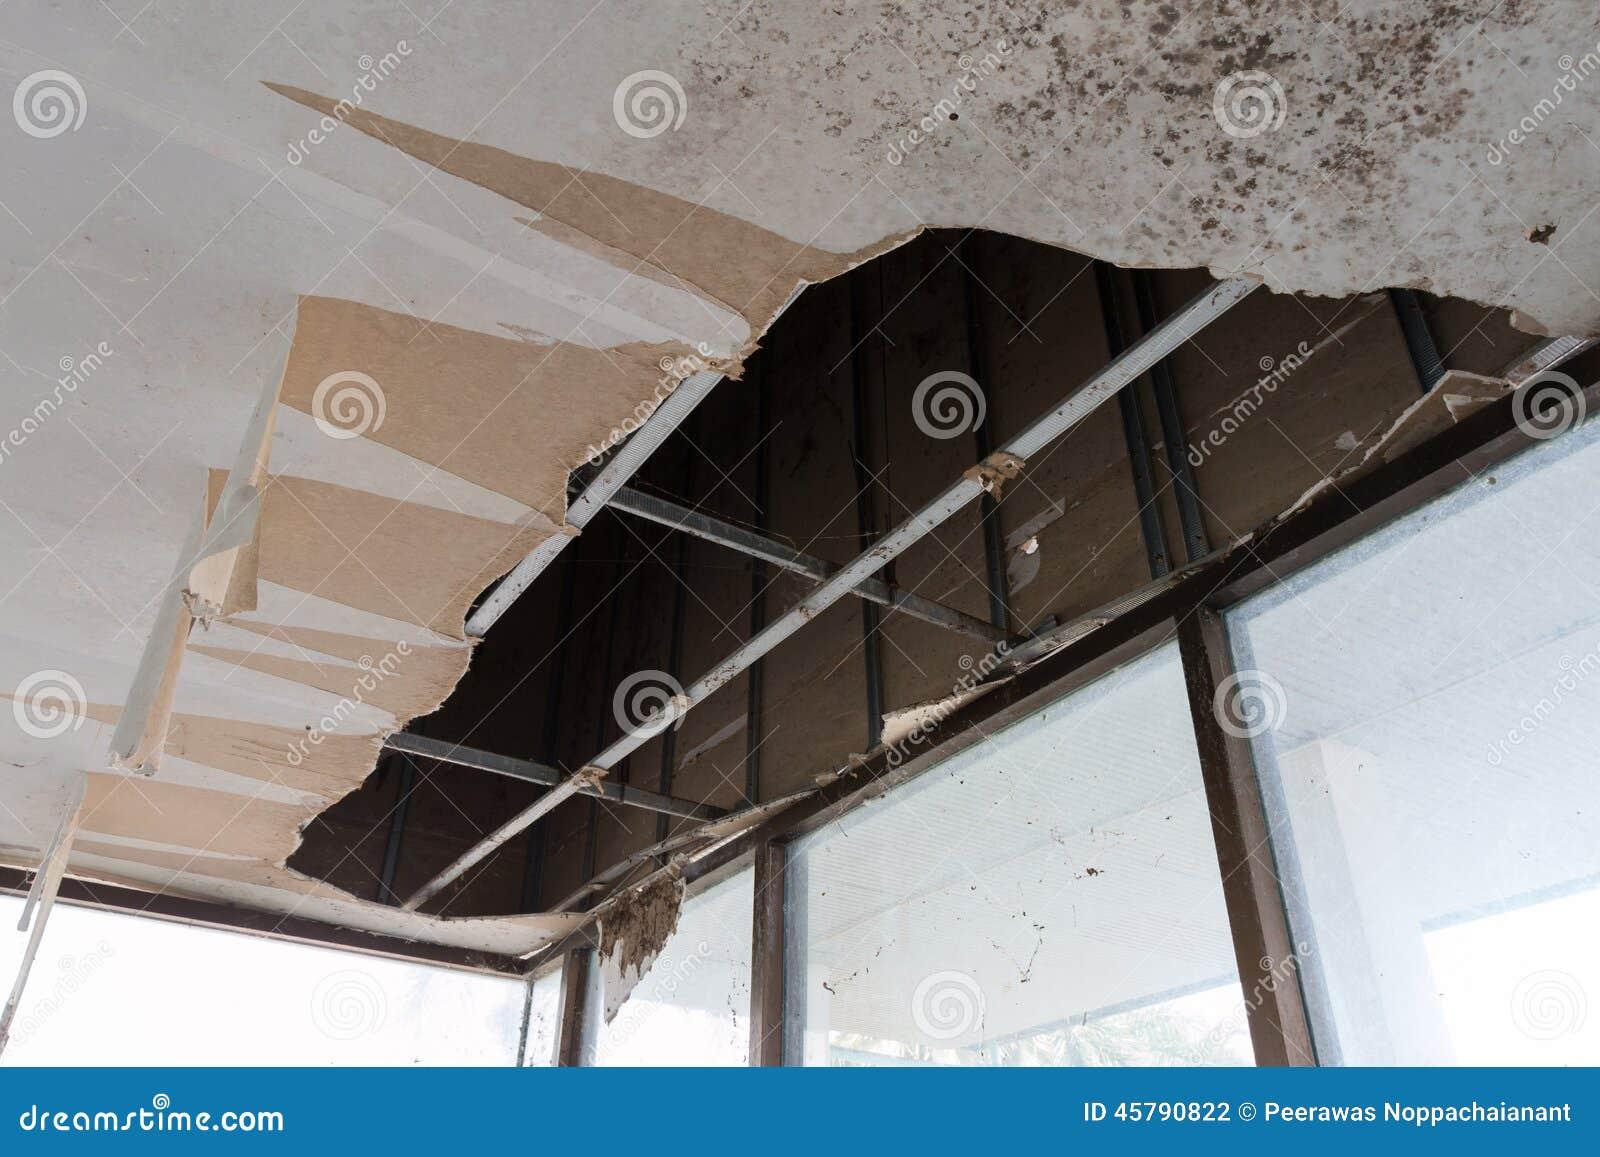 Broken Ceiling Fan : Broken ceiling stock photo image of wooden disaster